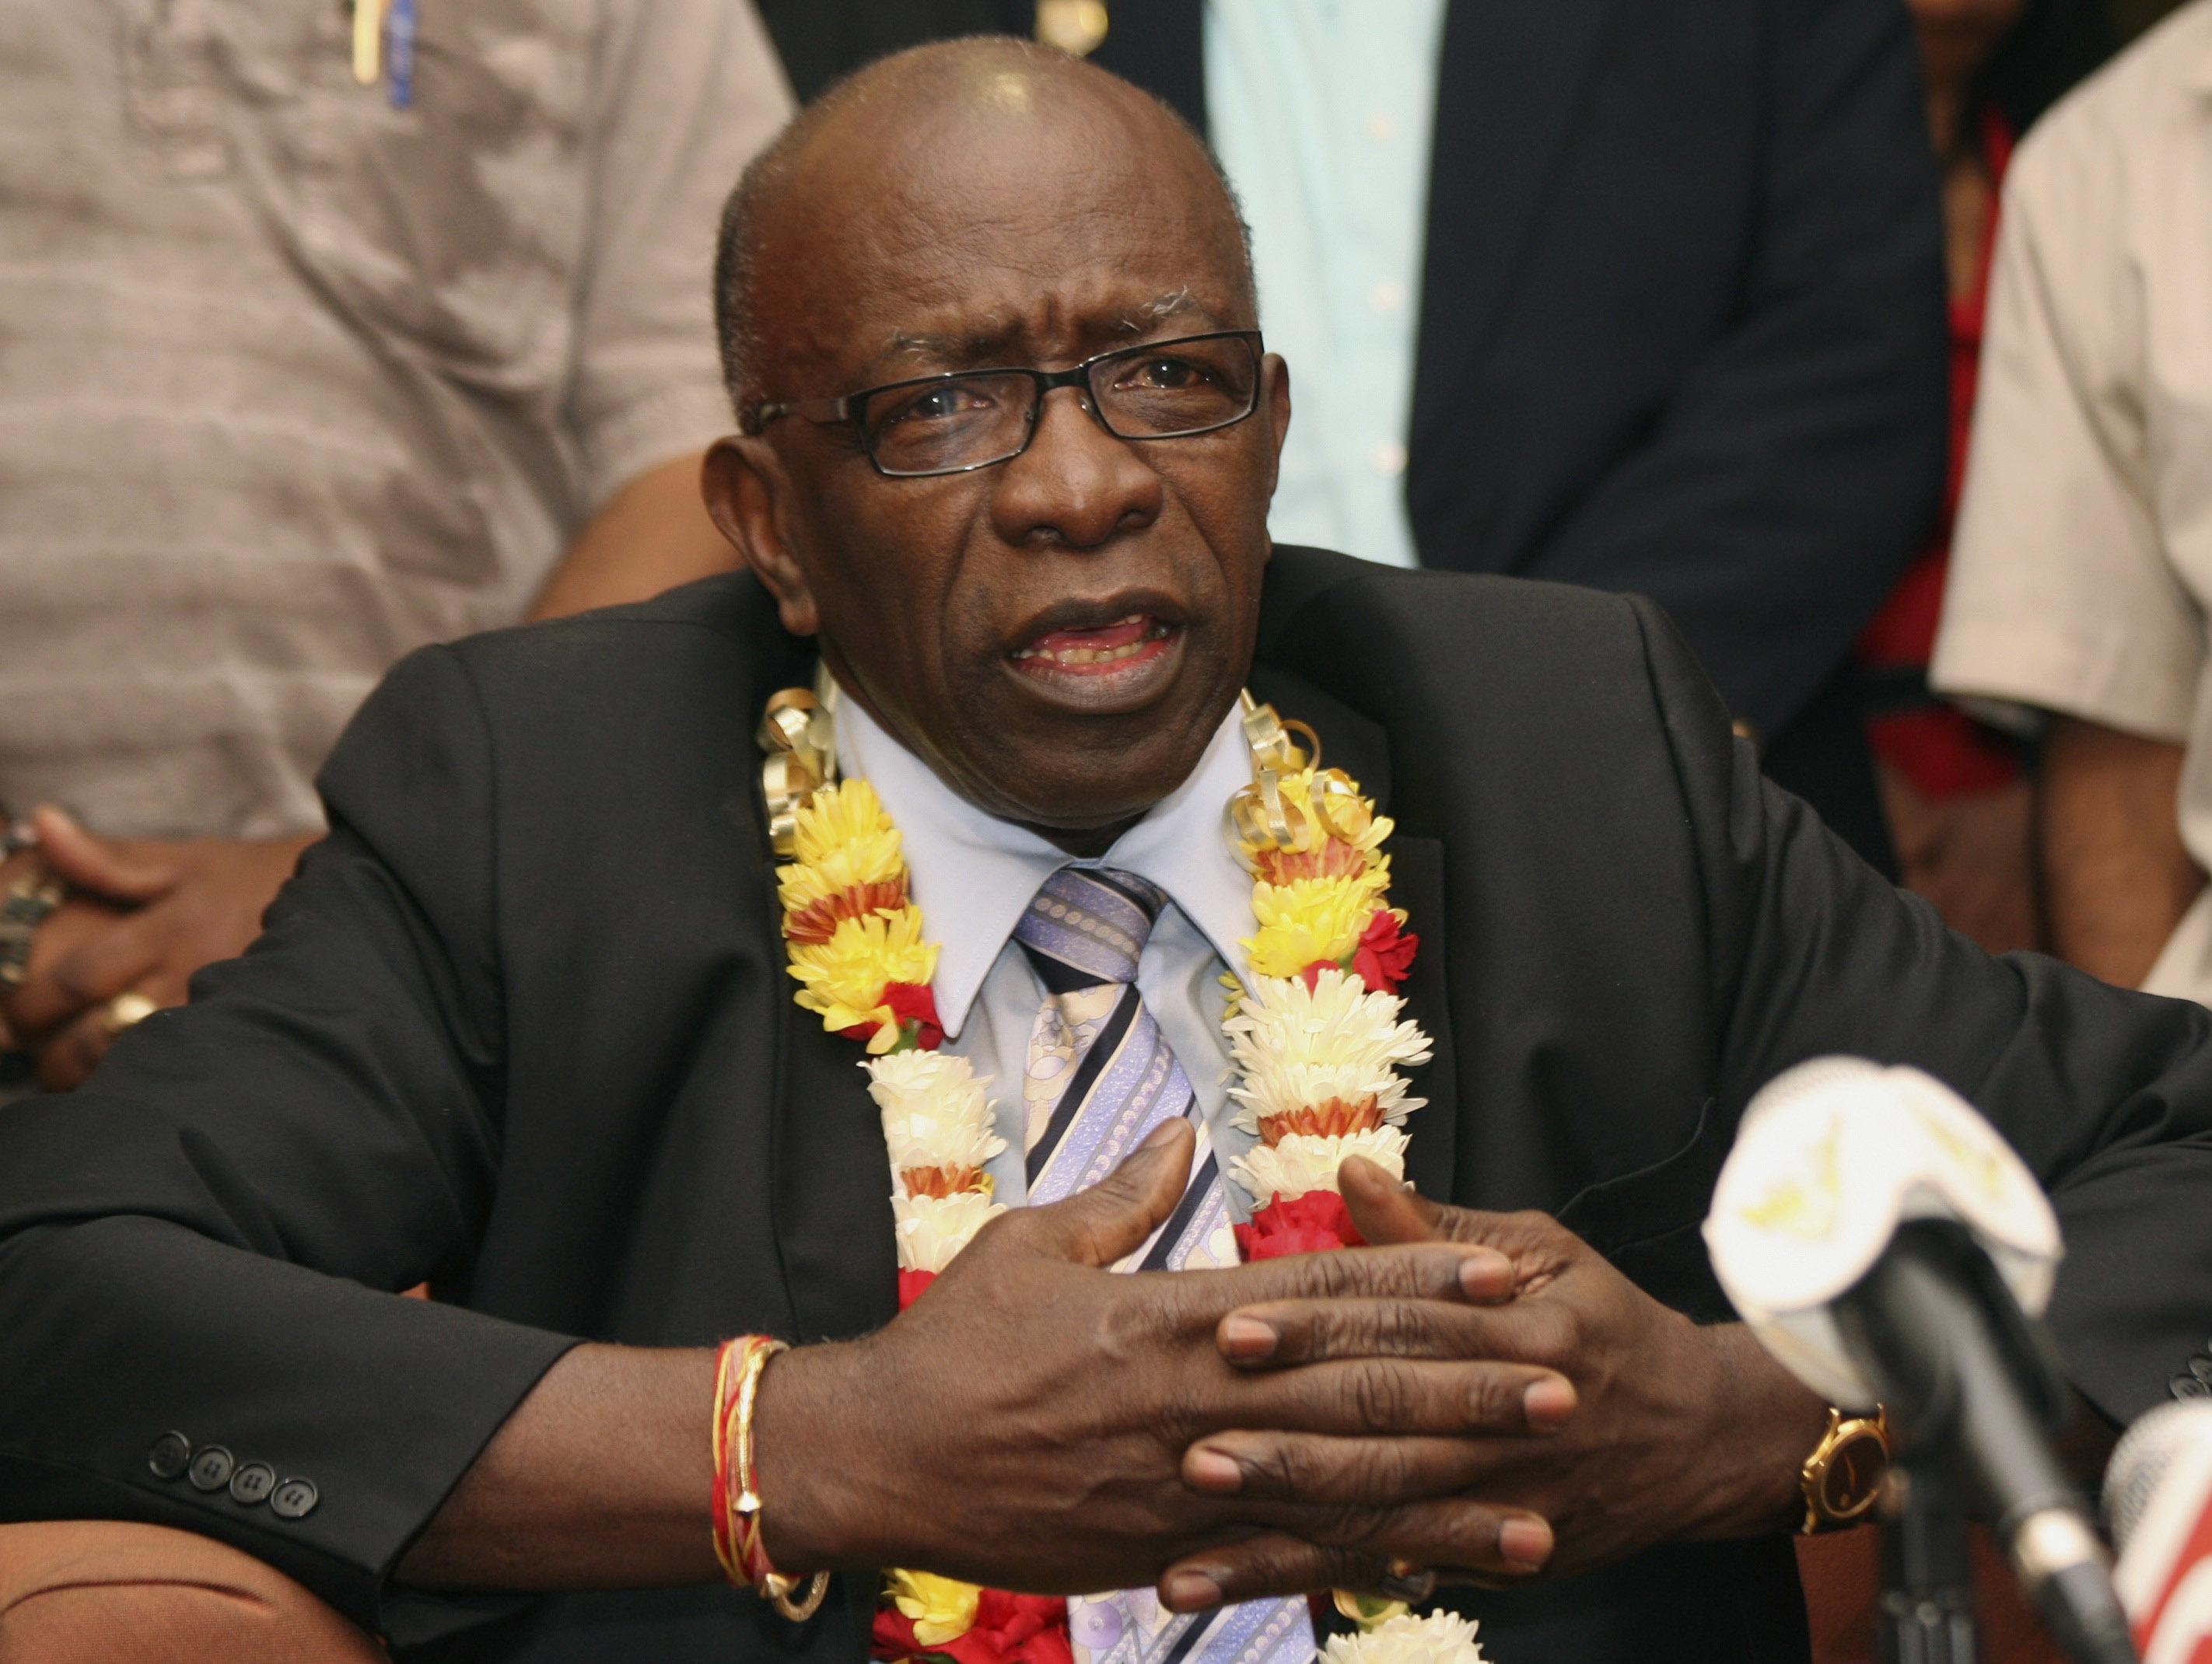 Expresidente de Concacaf, multado con 79 millones de dólares